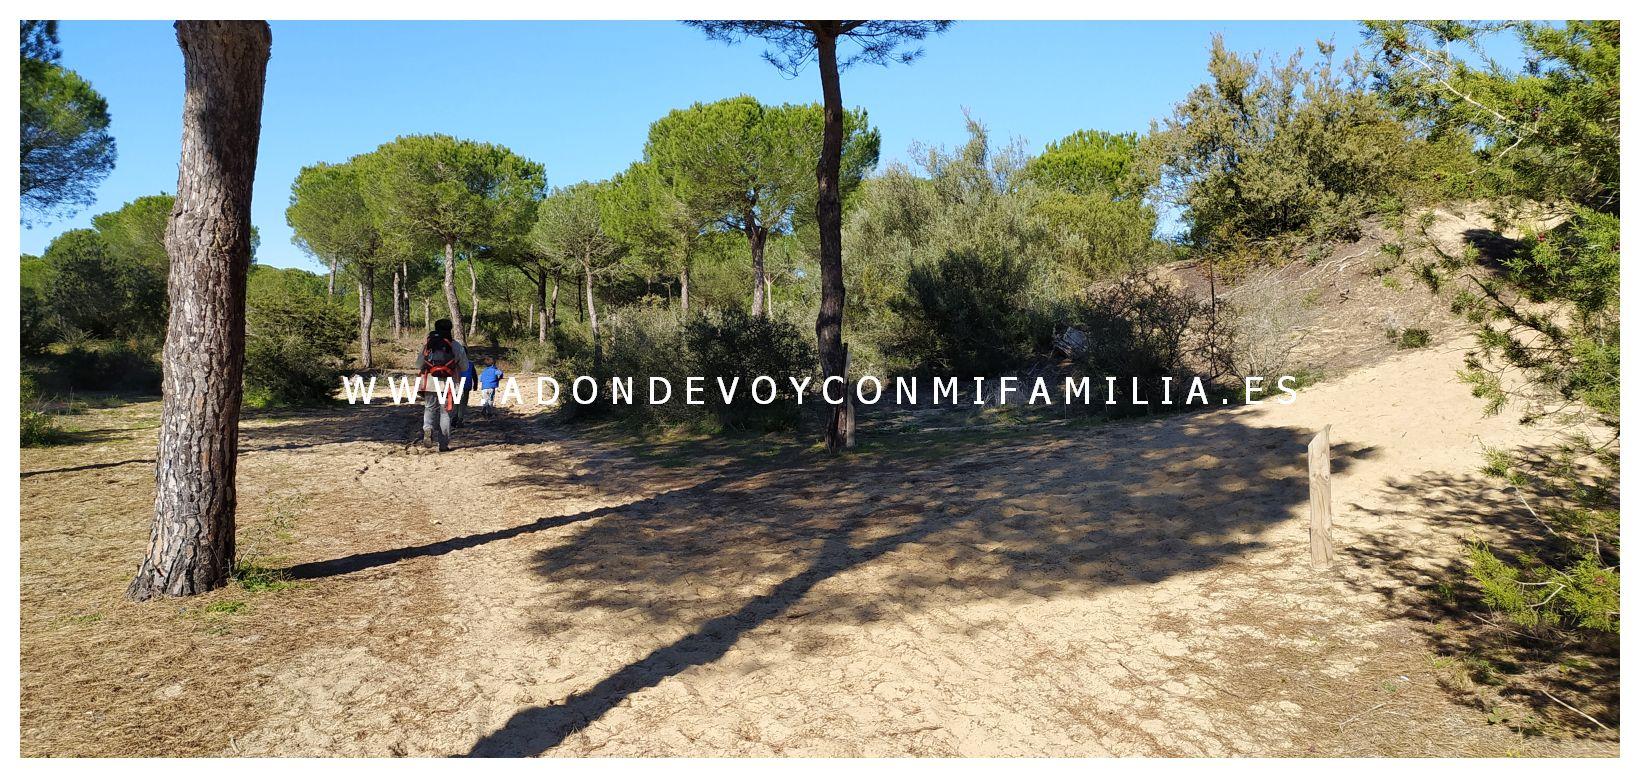 sendero cerro del aguila pinar de la algaida sanlucar adondevoyconmifamilia 16